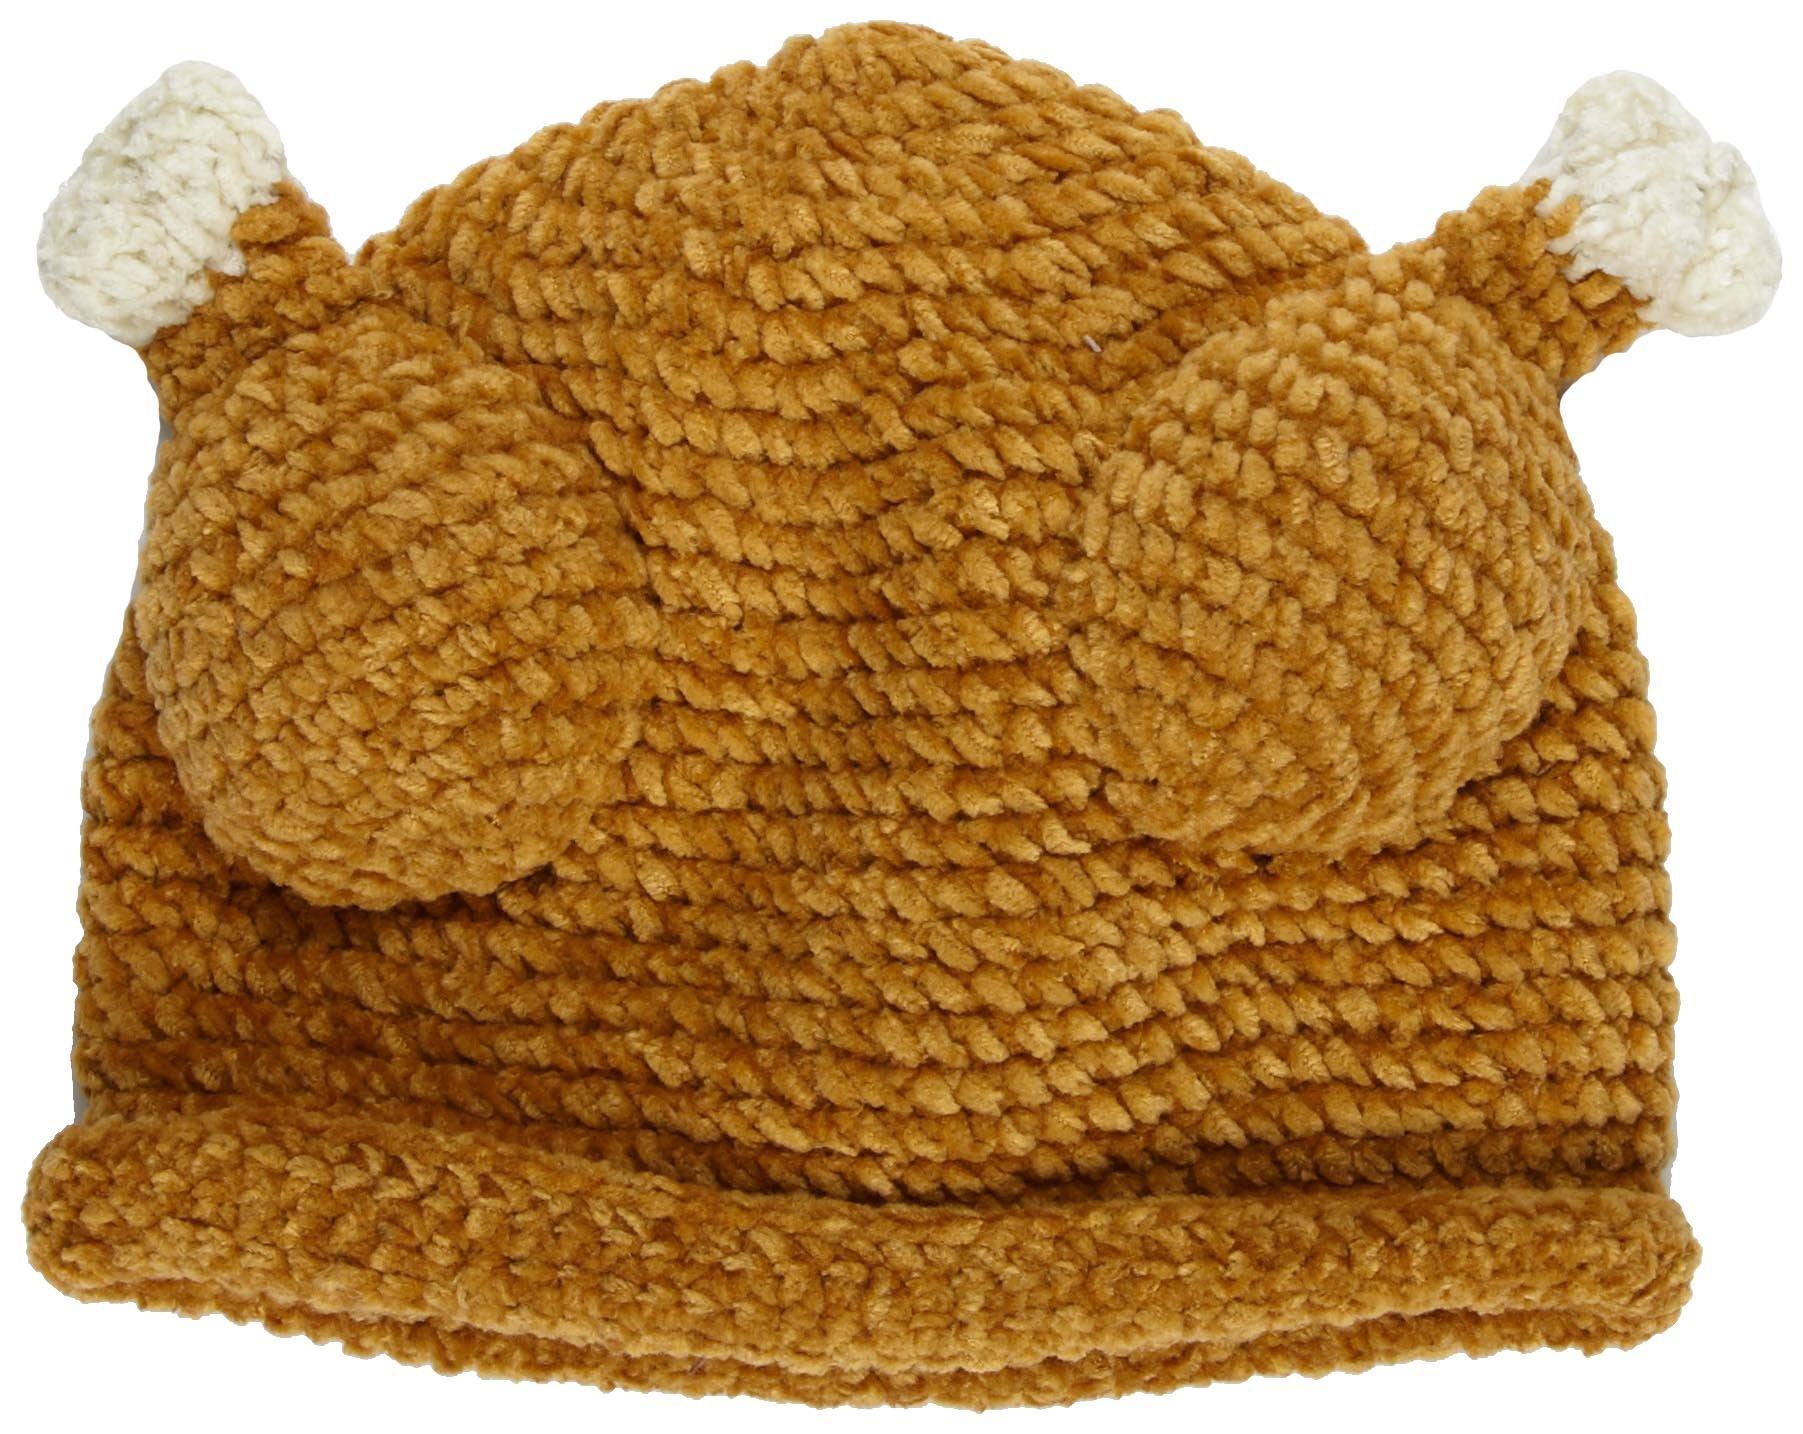 San Diego Hat Baby-Girls Newborn Chenile Turkey Hat, Brown, 6-12 Months by San Diego Hat Company